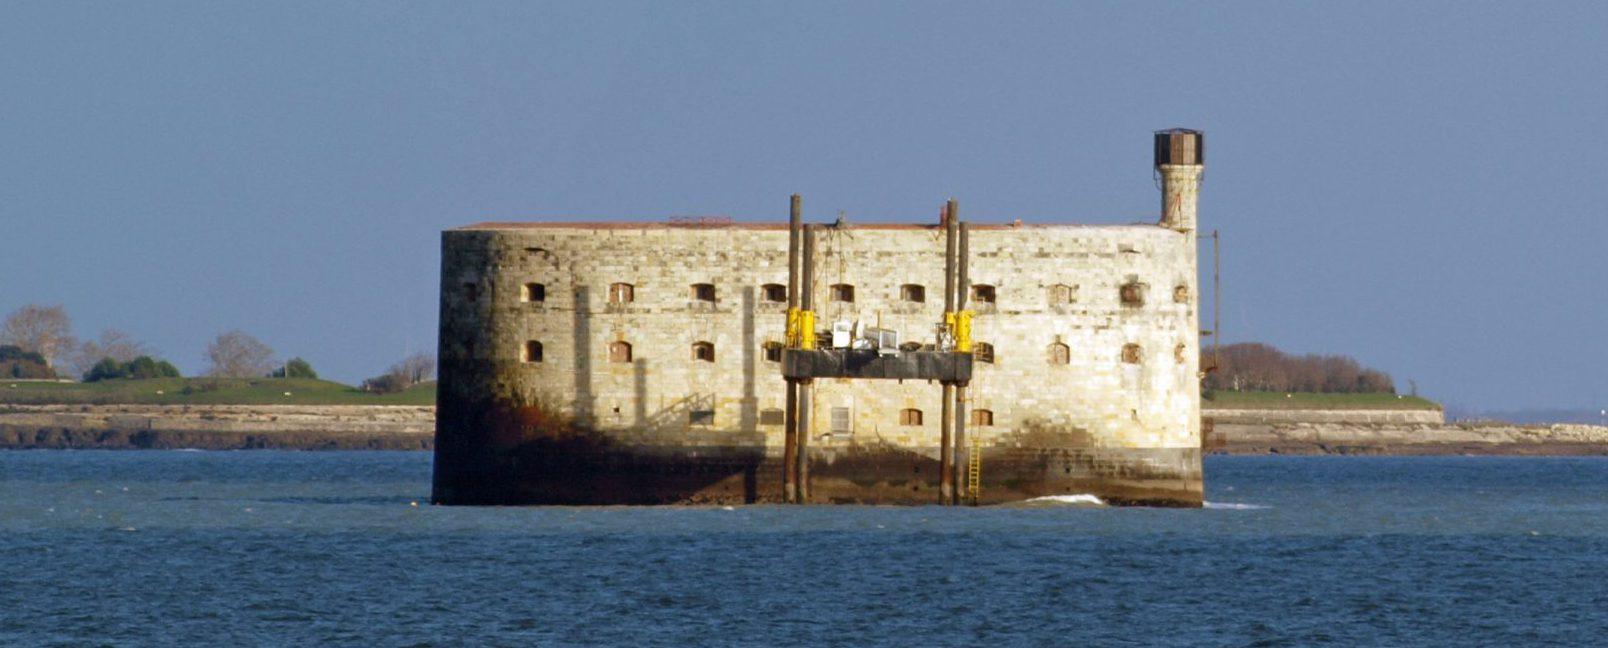 au large de l'ile d'Oleron, le fort boyard